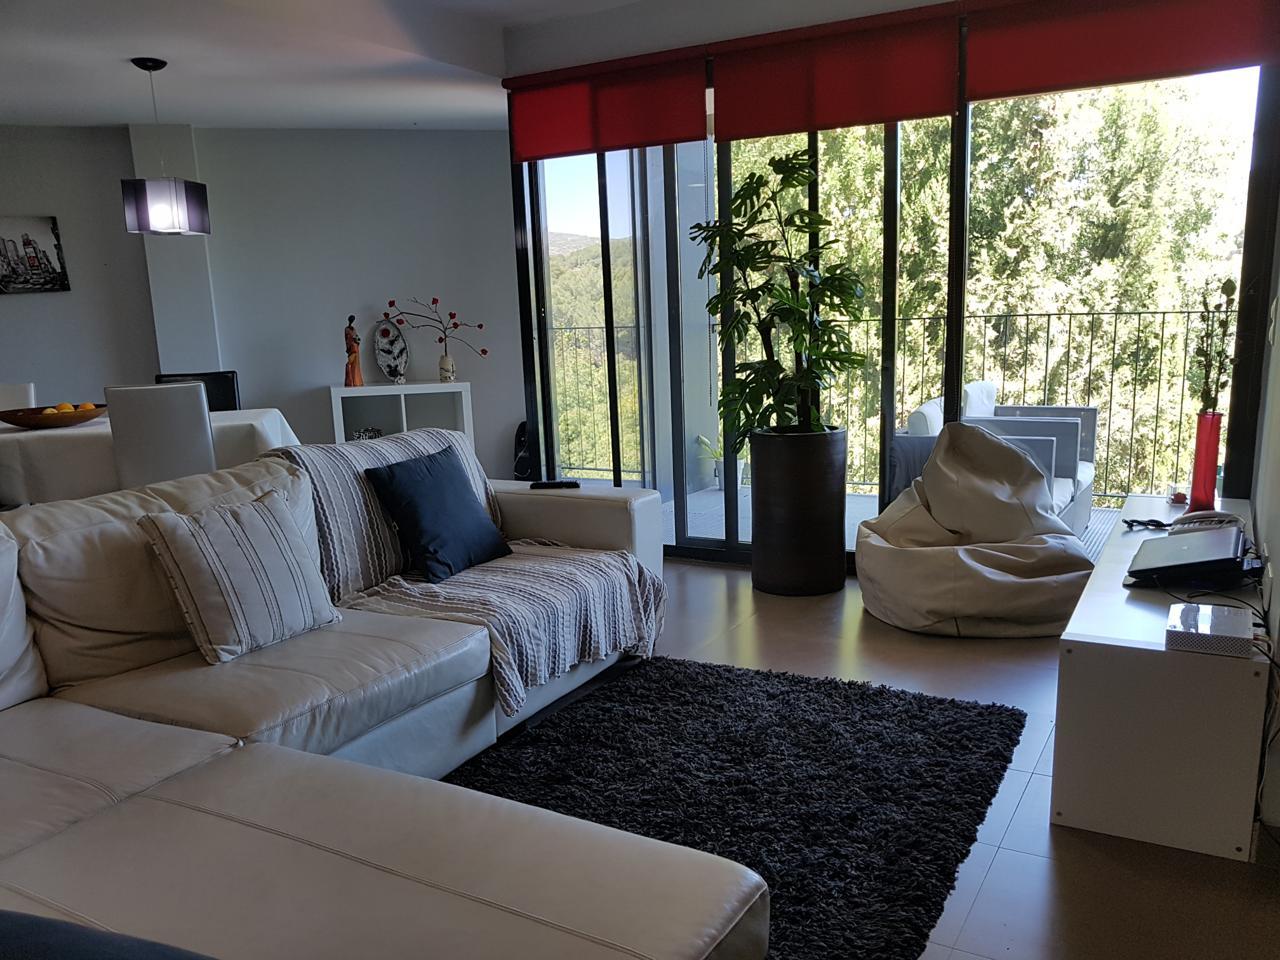 Pis  Navajas ,río. Este interesante y moderno apartamento se encuentra ubicado en l